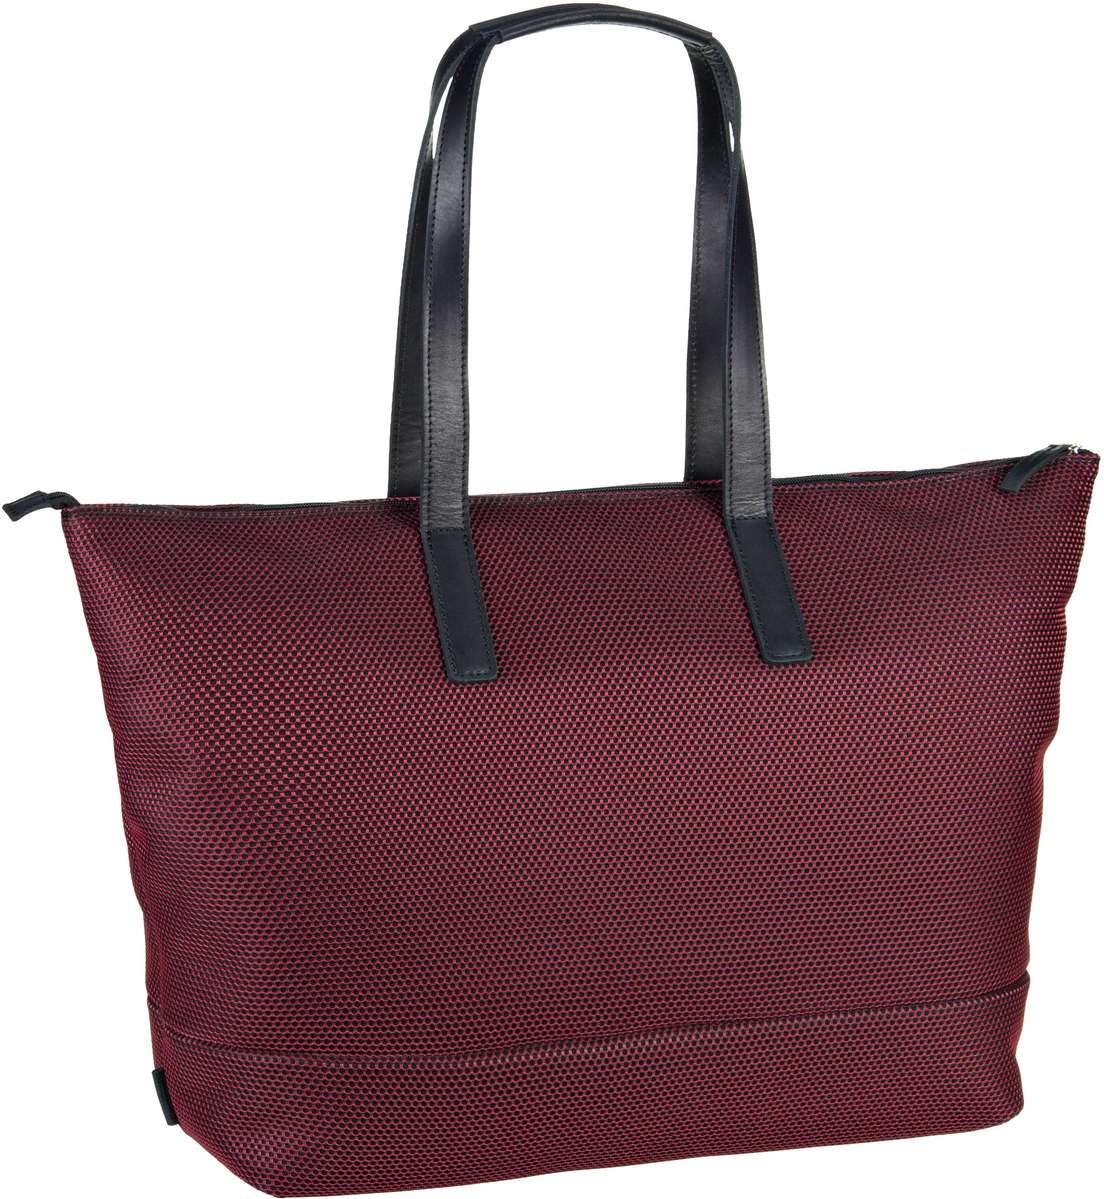 Handtasche Mesh 6183 Shopper Rot